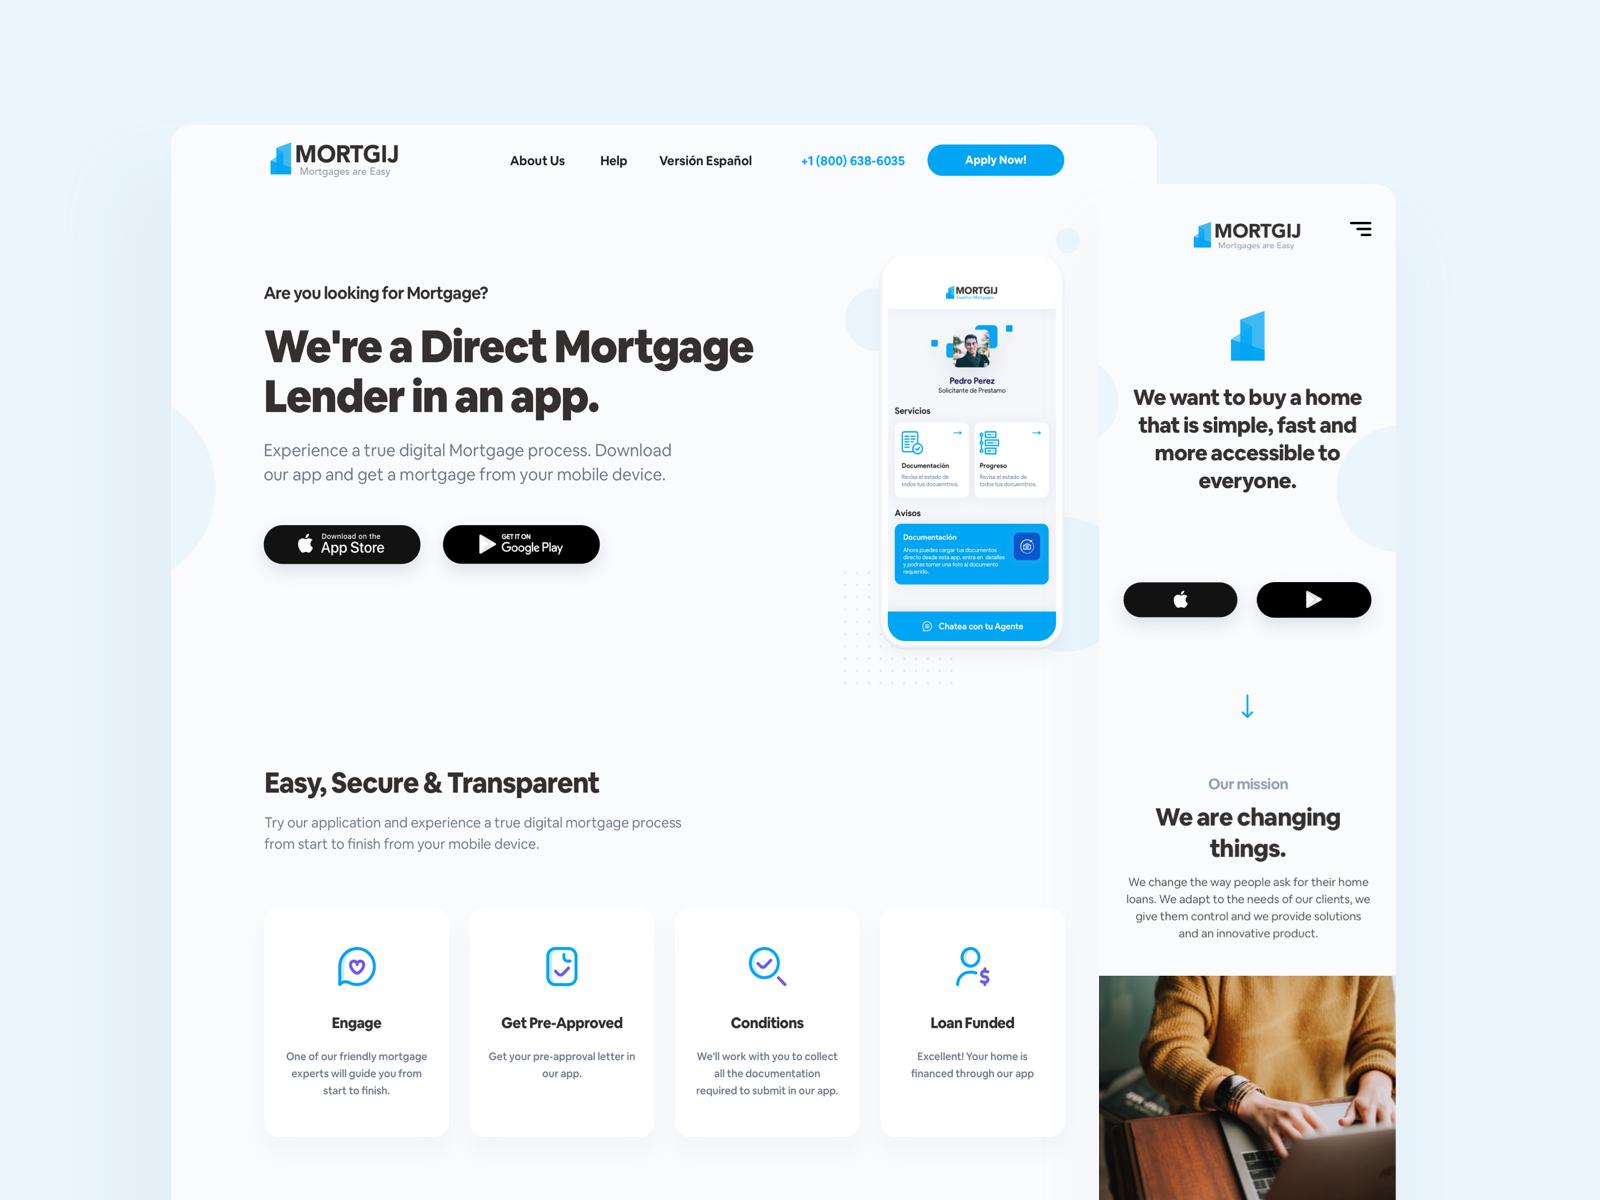 Mortgij - Morgage Lender in an App